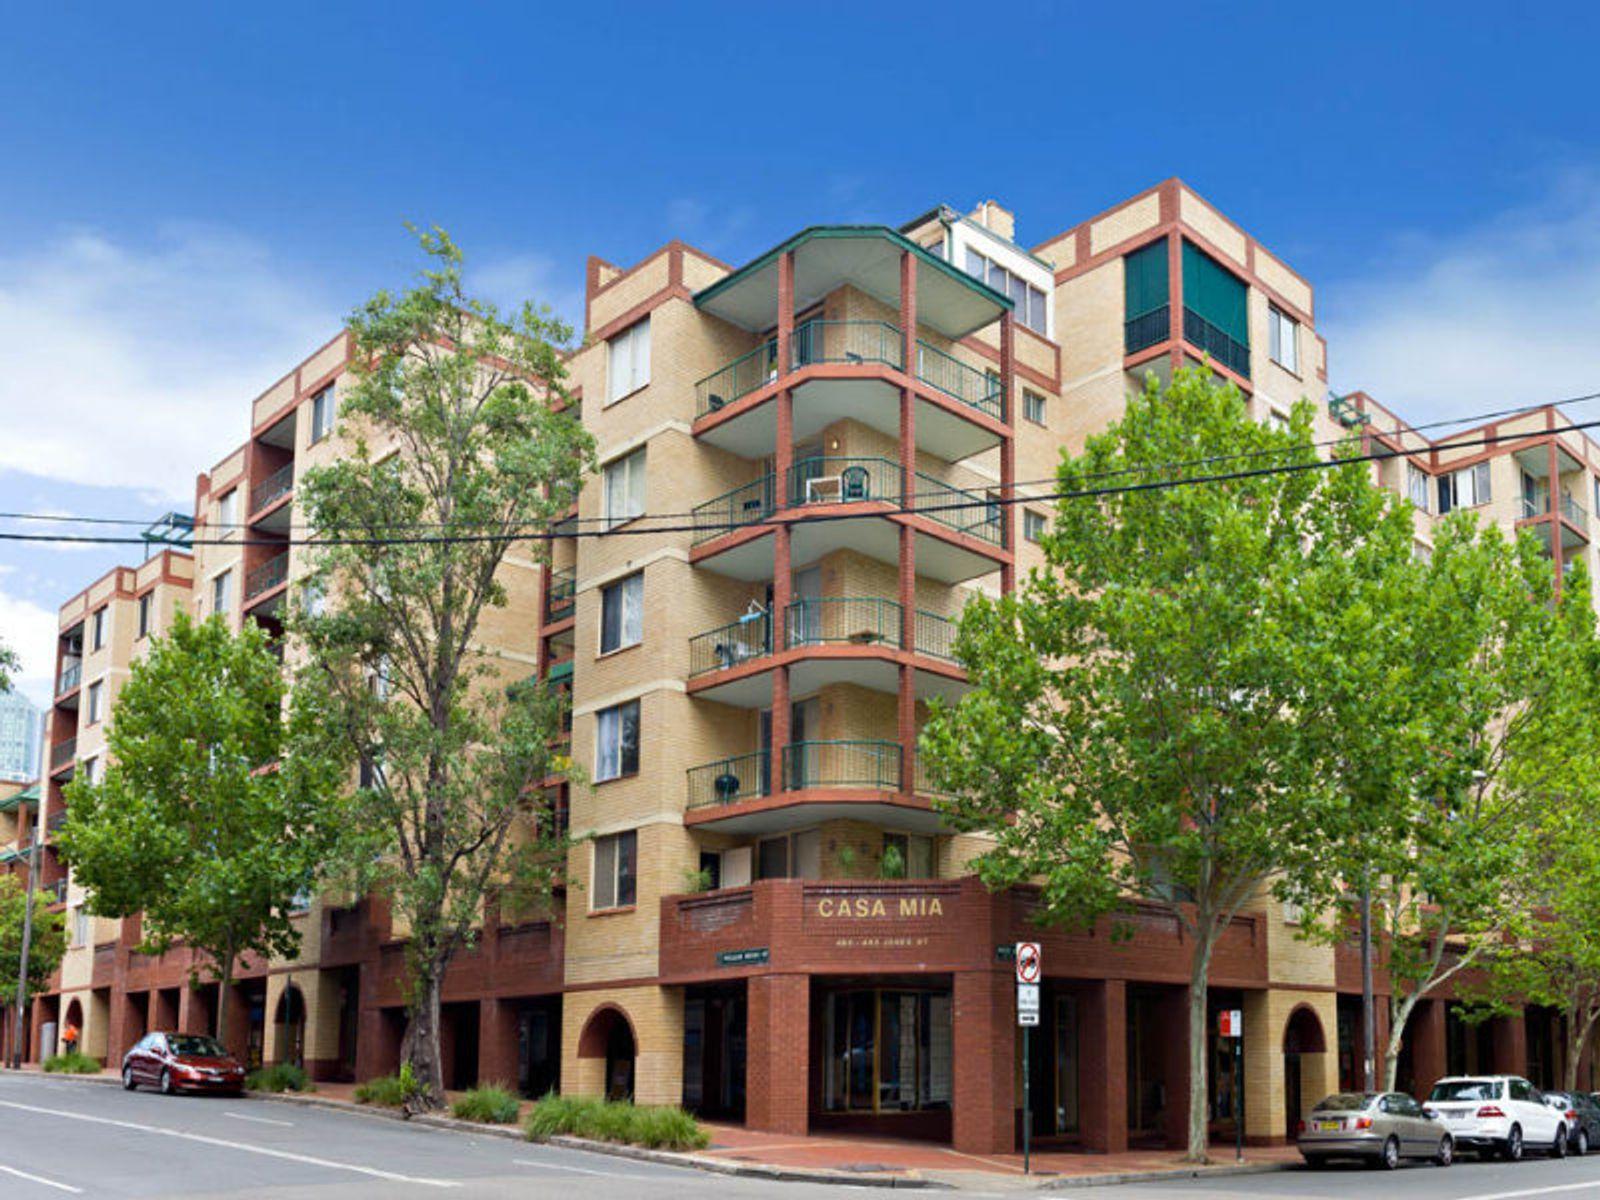 43/333 Bulwara Street, Ultimo, NSW 2007